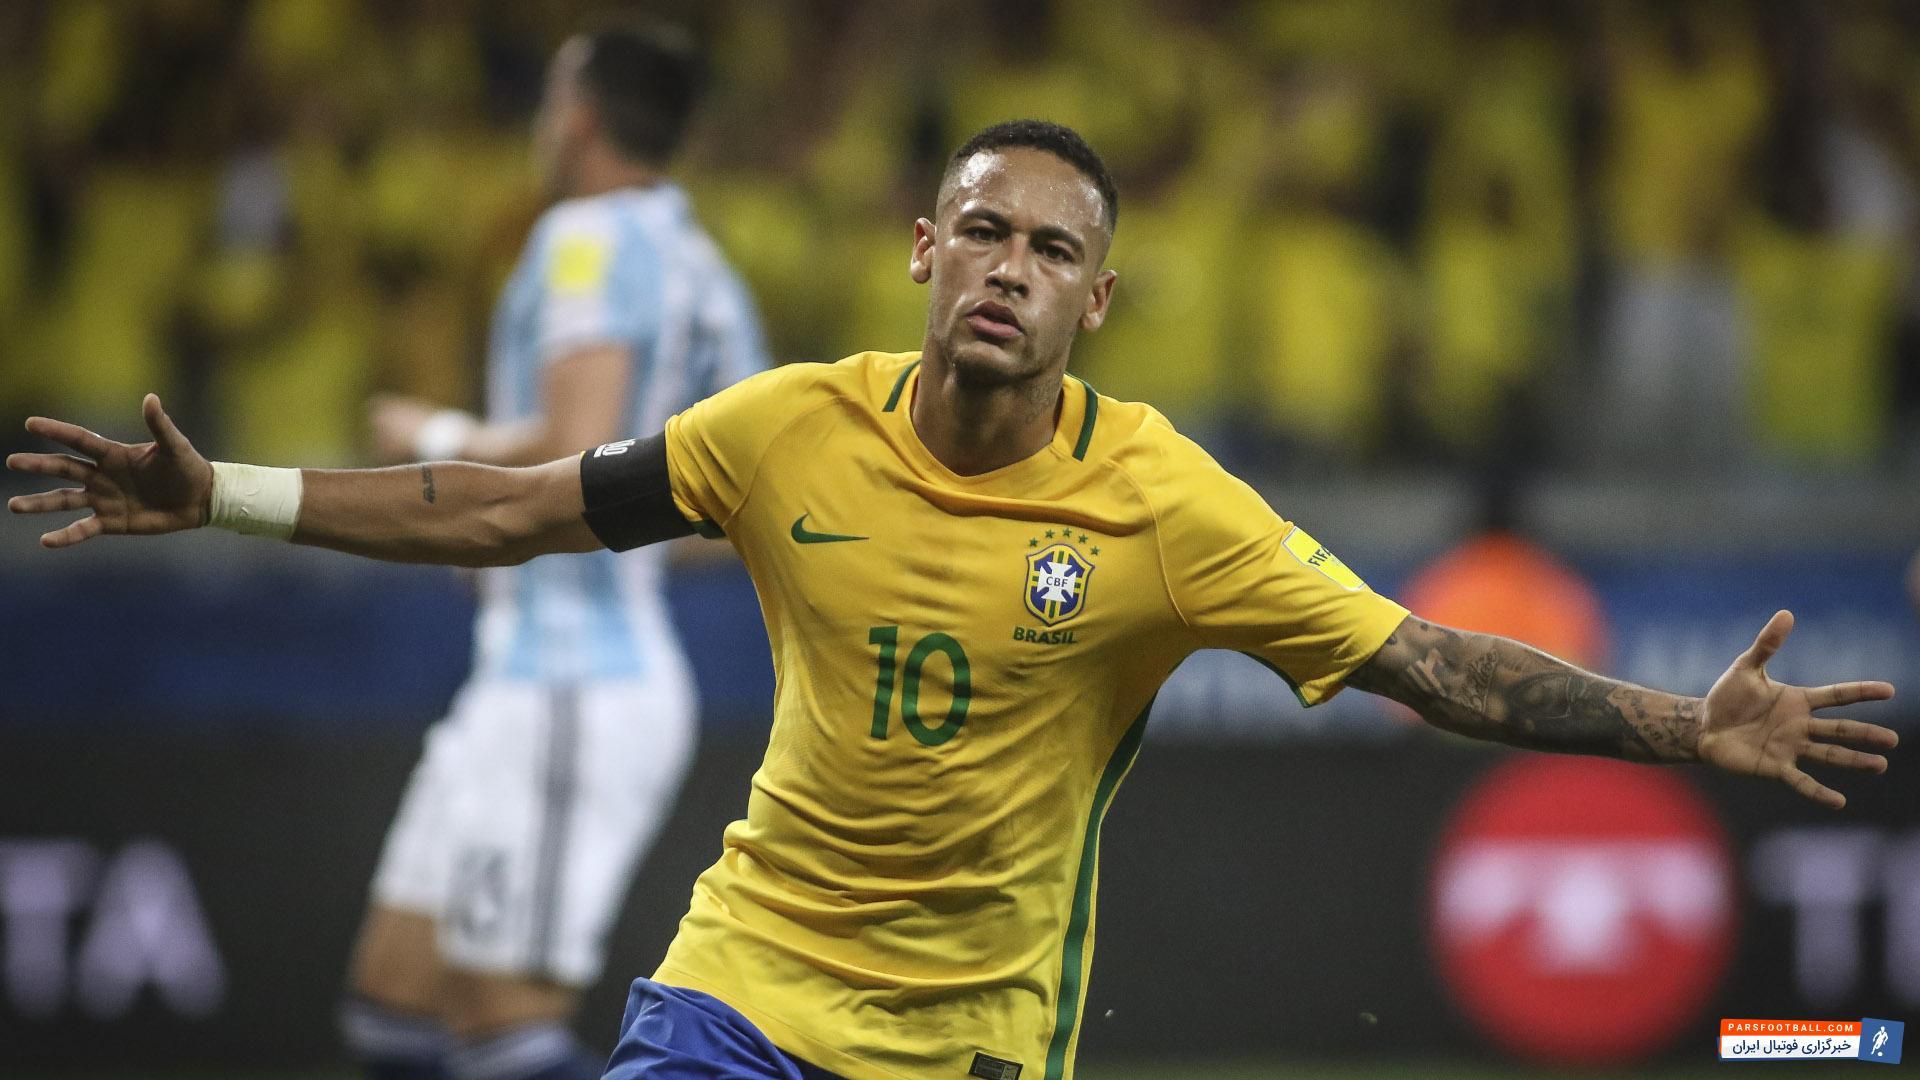 تمجید گیلبرتو بازیکن سابق برزیل از نیمار به عنوان بهترین بازیکن جهان در آینده نزدیک